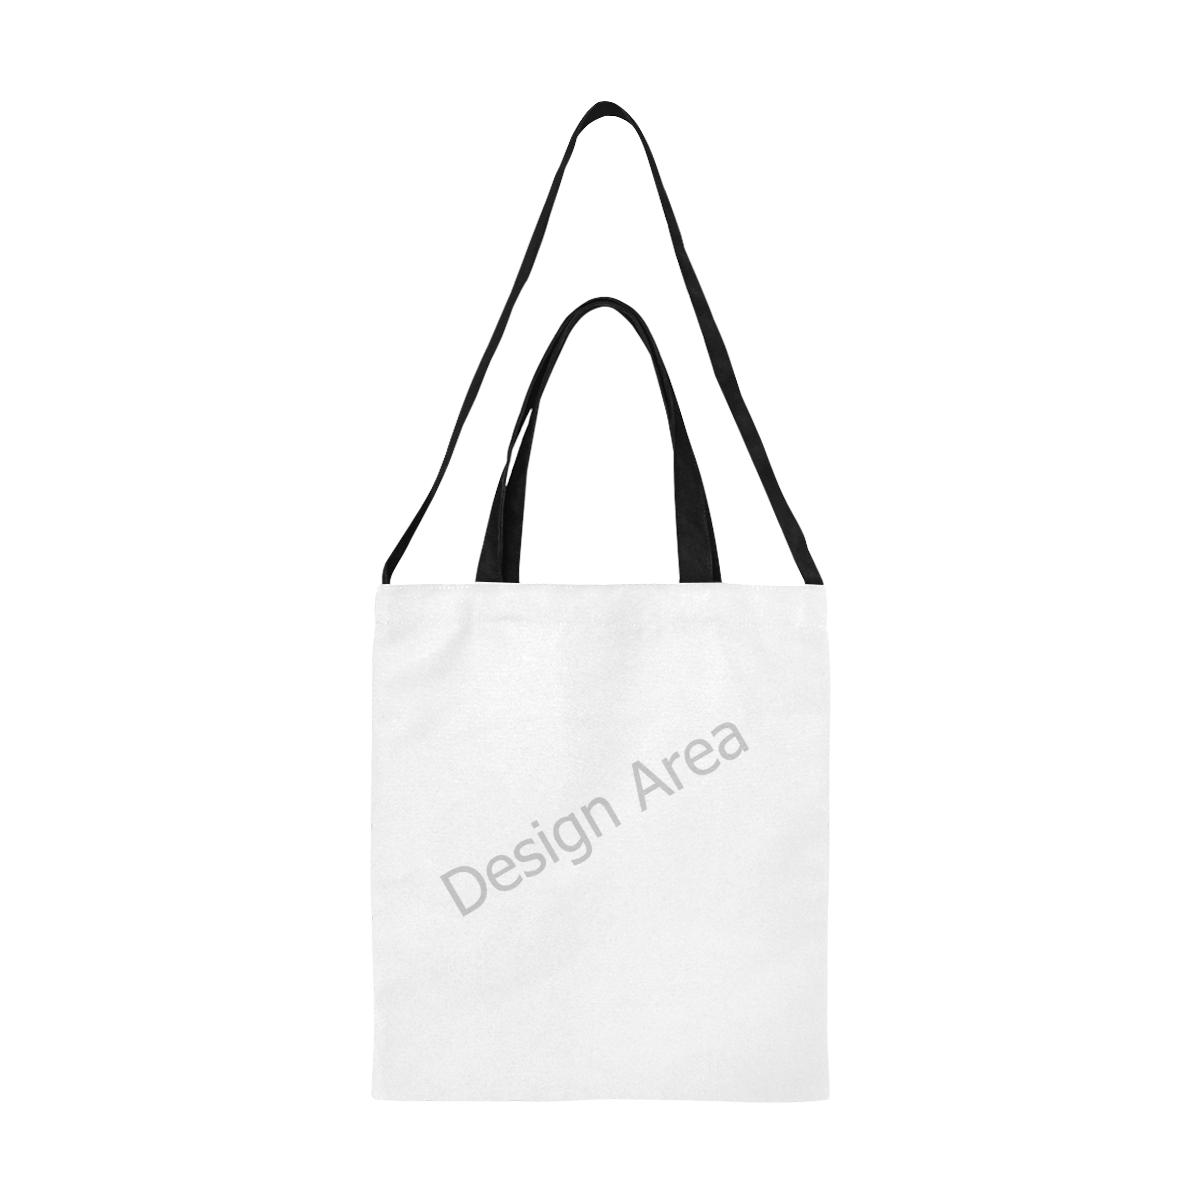 All Over Print Canvas Tote Bag/Medium (Model 1698)